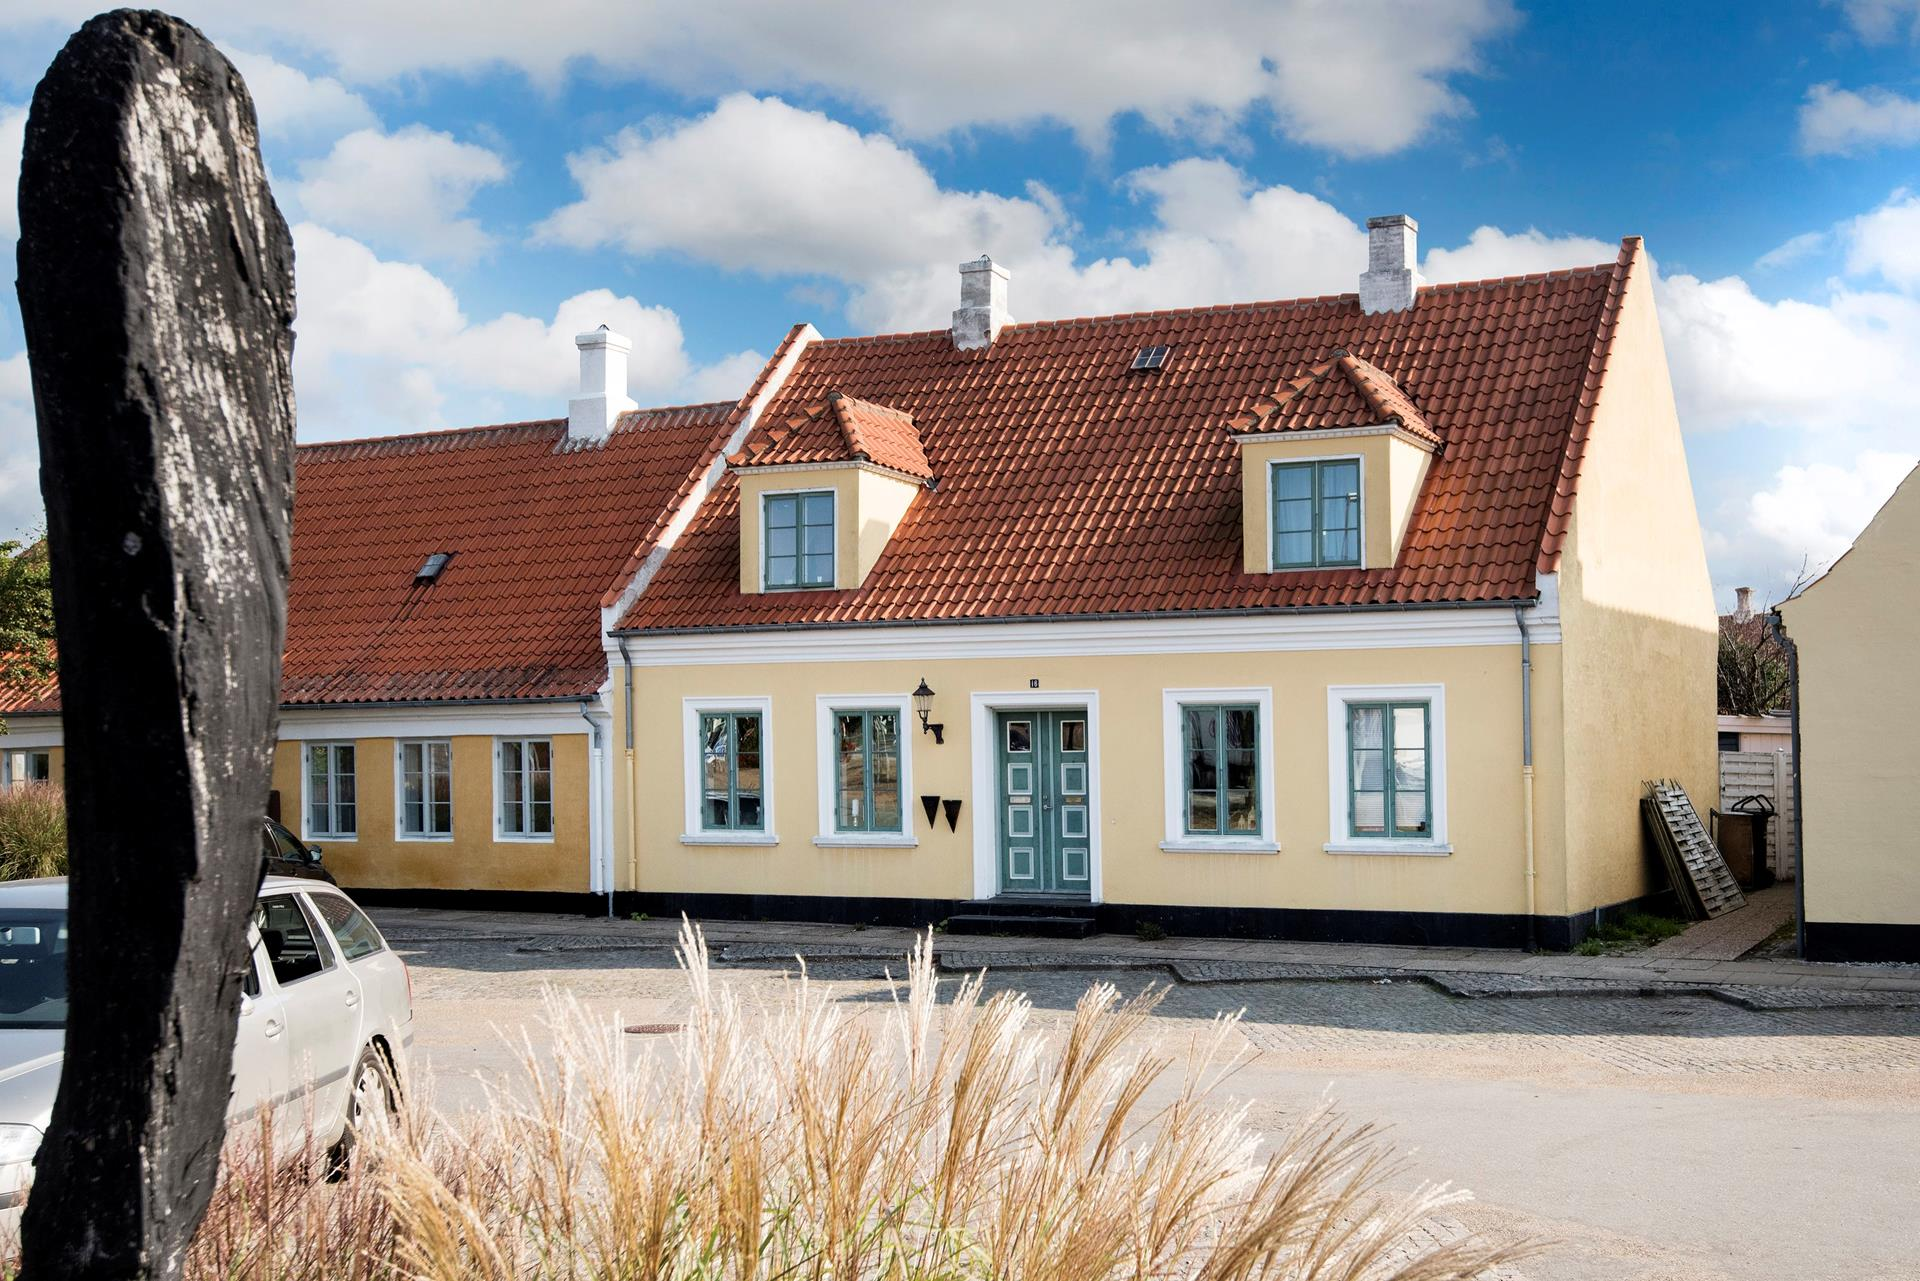 Andet på Gl. Torv i Frederikshavn - Andet